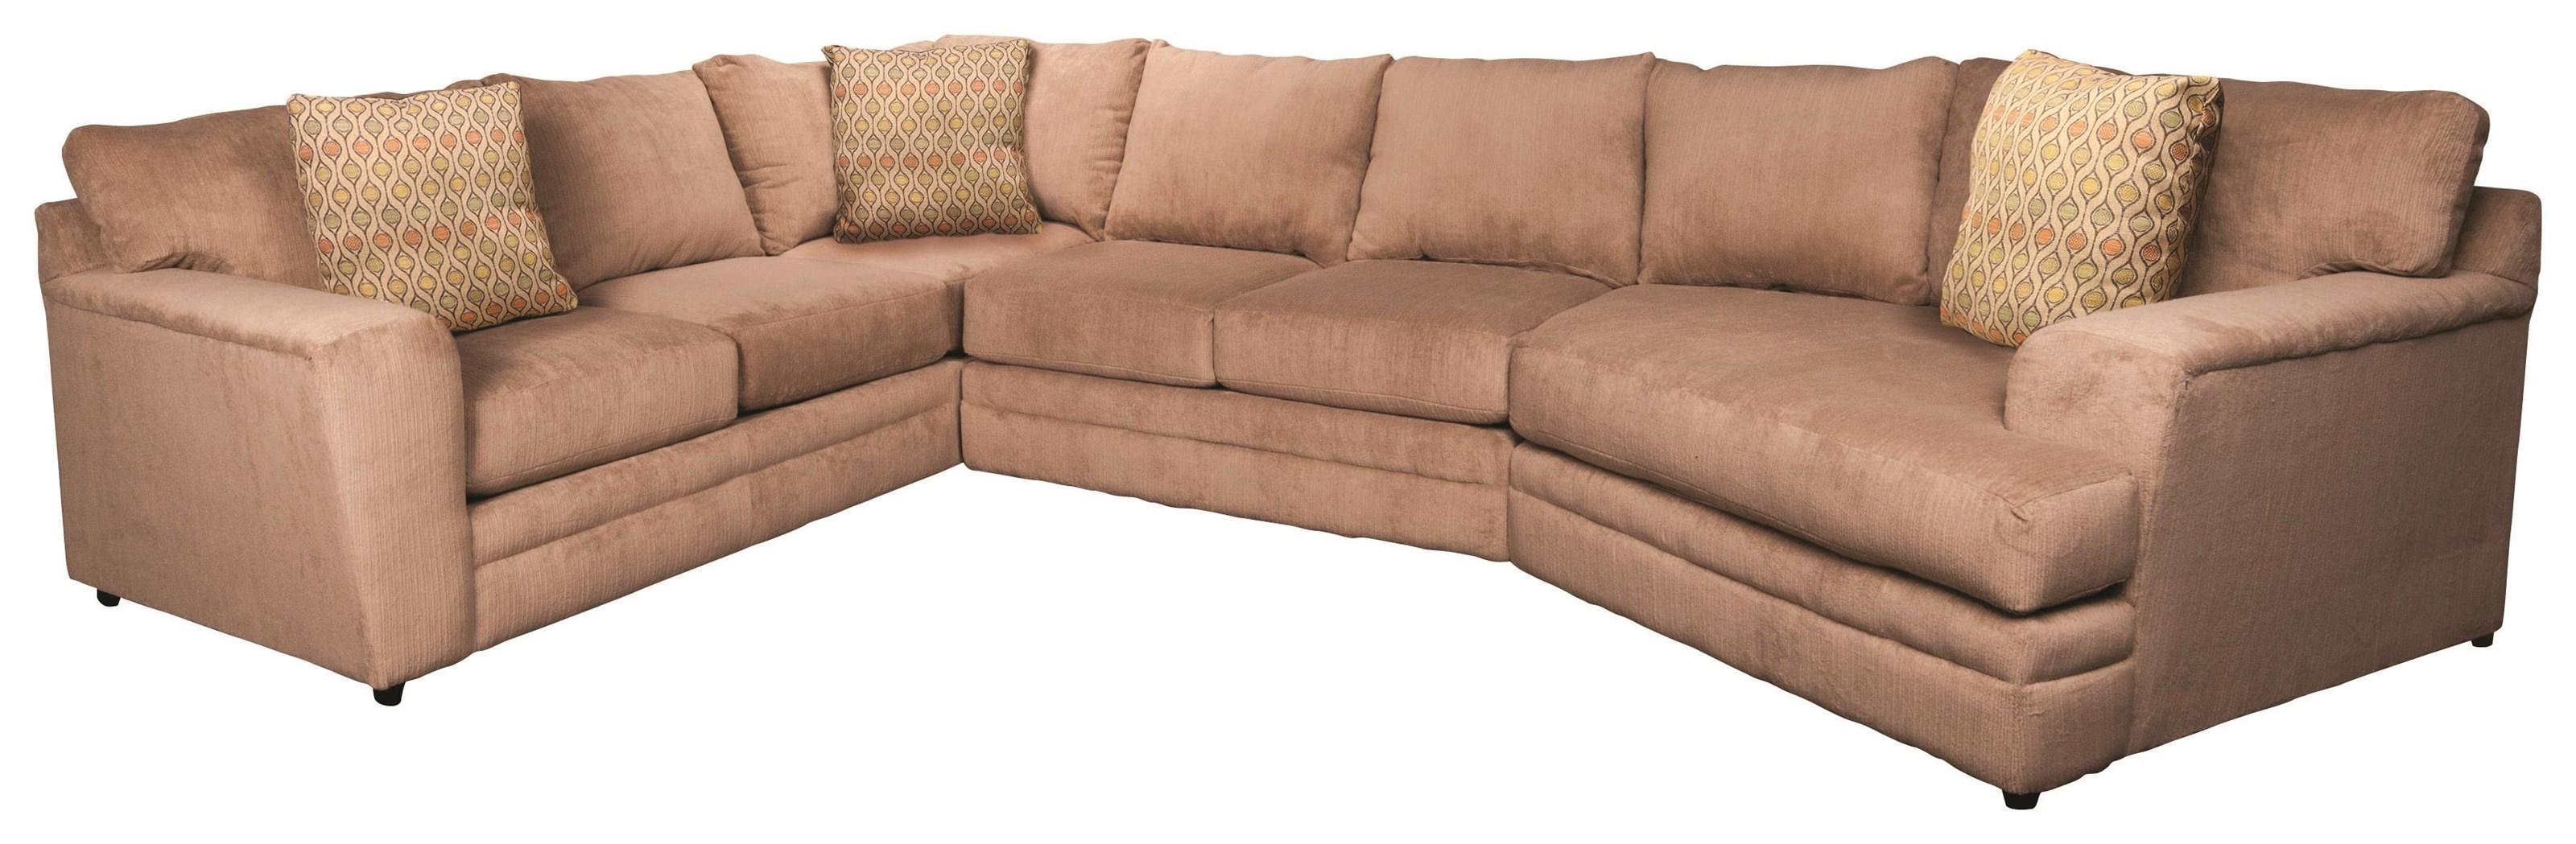 Rayner Sectional Sofa